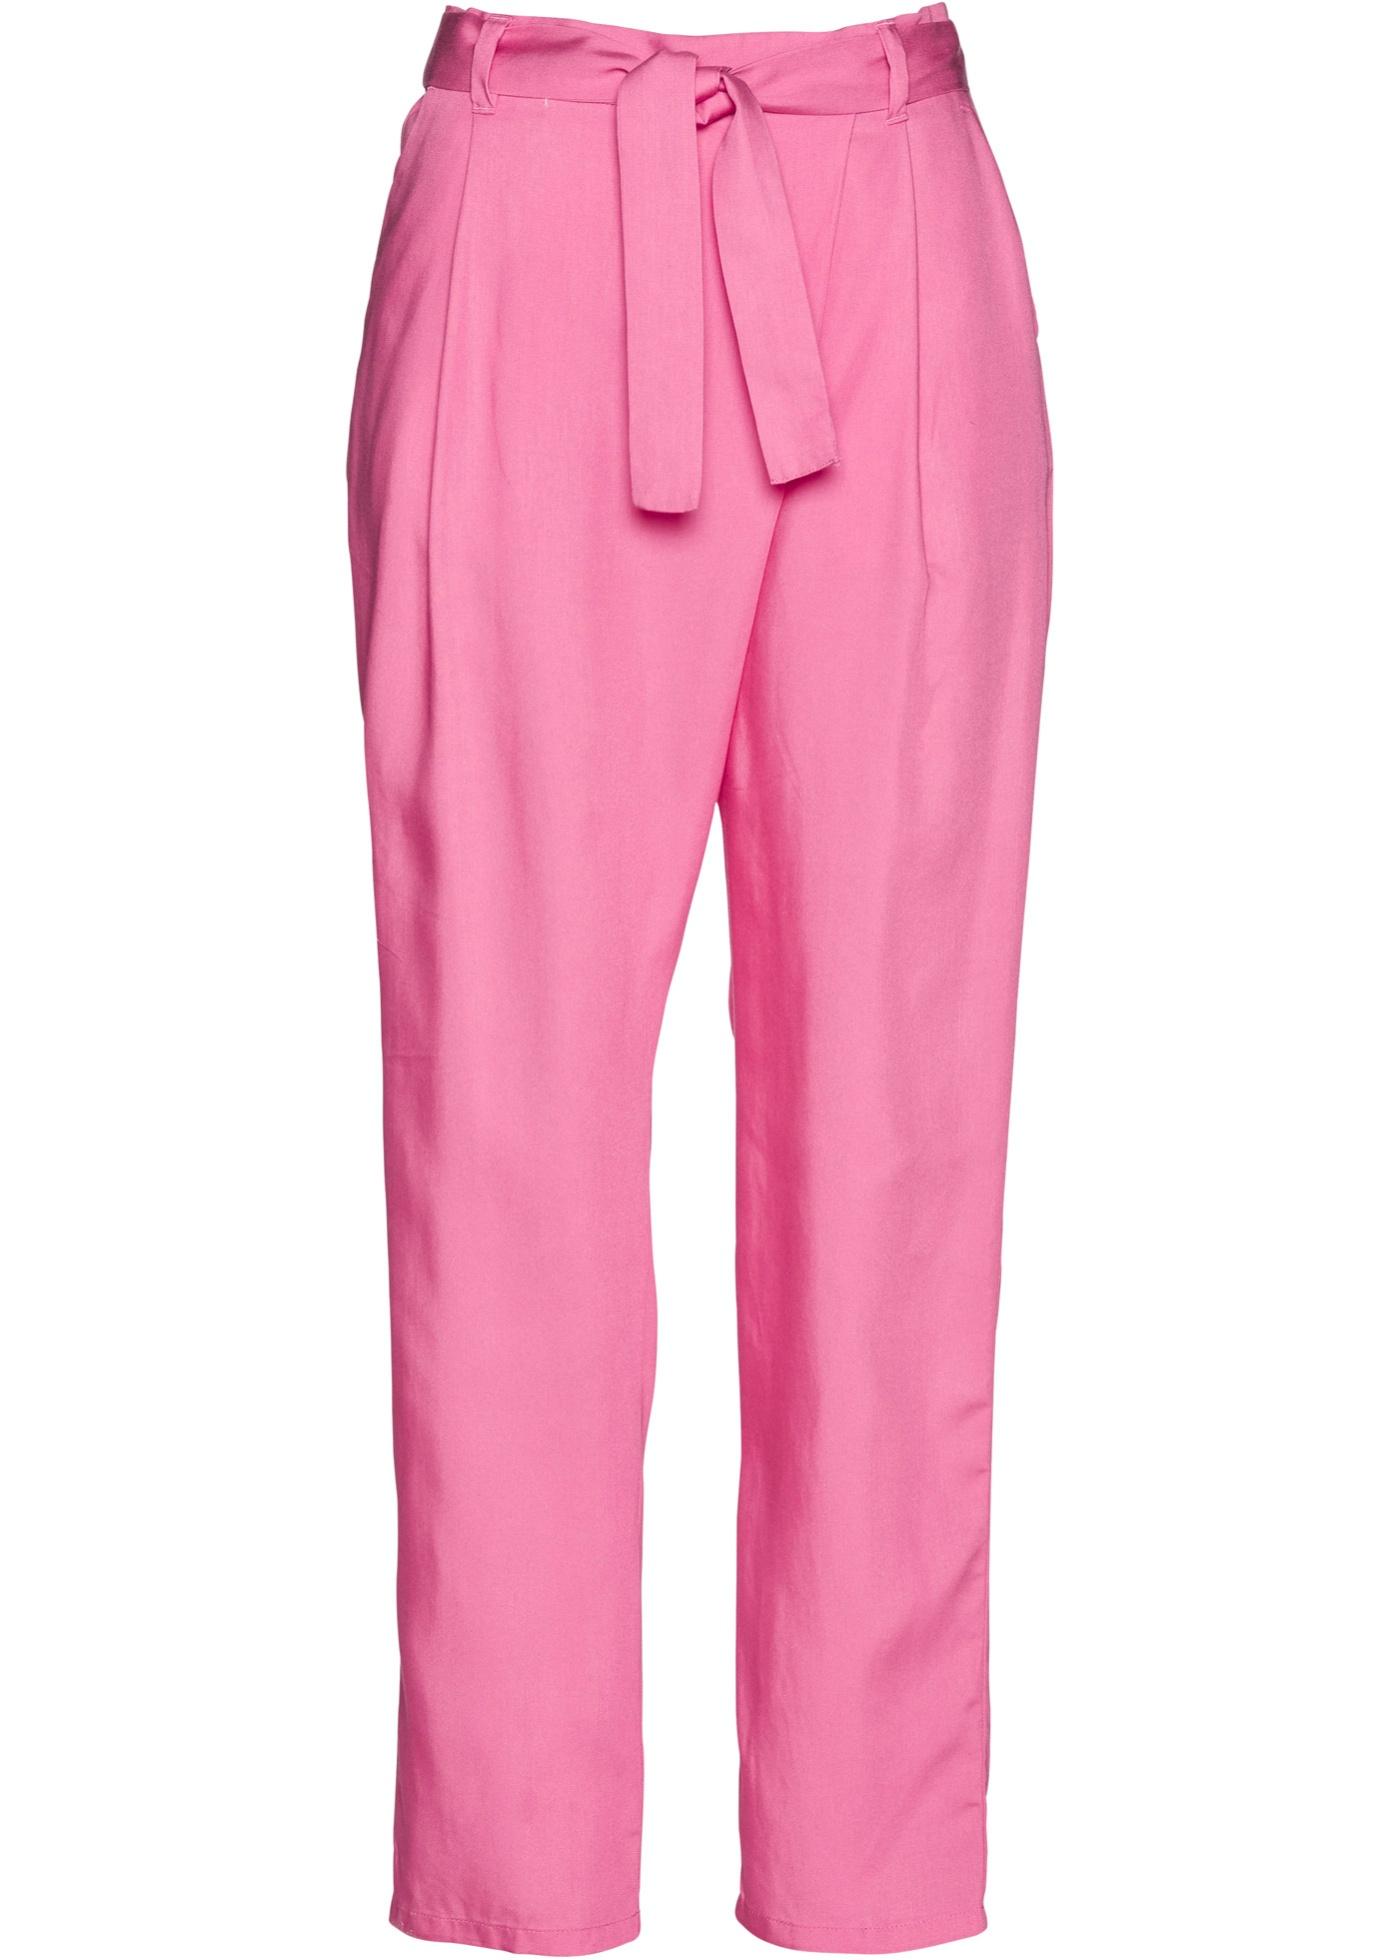 Bundfaltenhose aus TENCEL™ Lyocelll in pink für Damen von bonprix